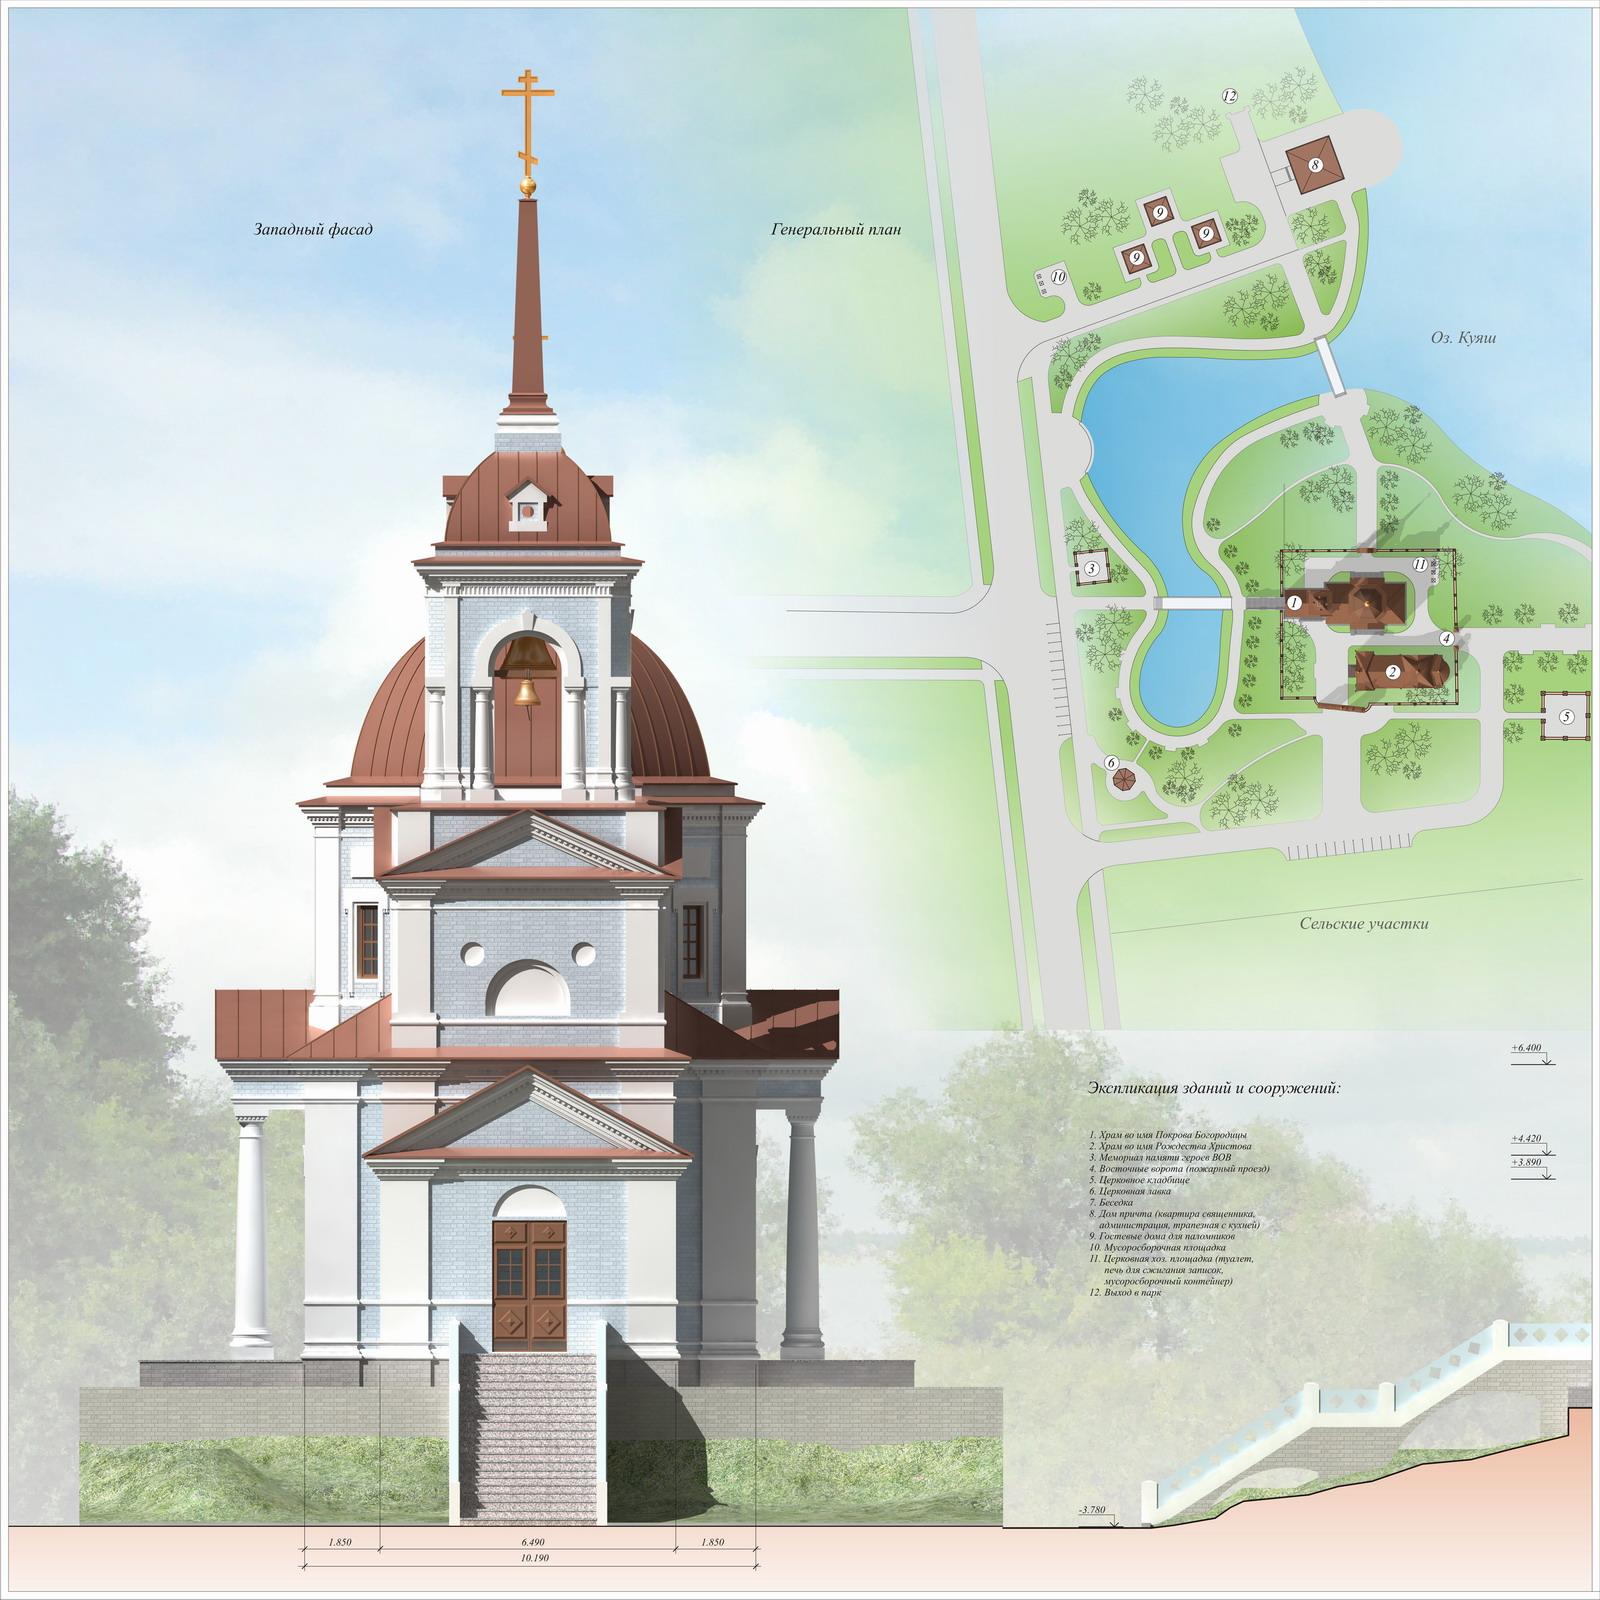 Проект реставрации церкви Покрова Богородицы в селе Большой Куяш